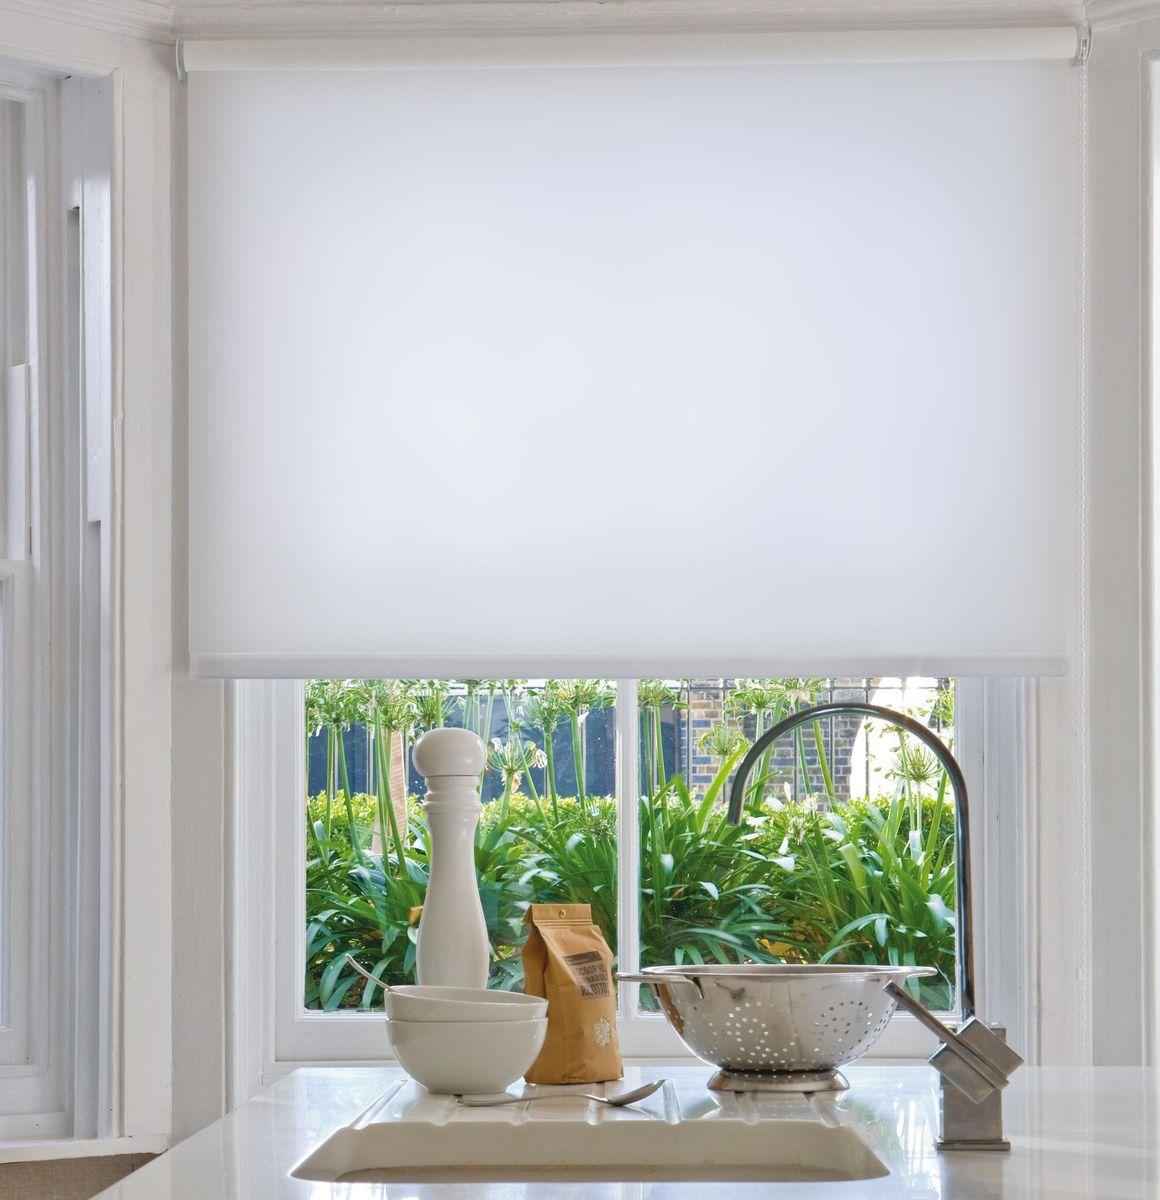 Штора рулонная Эскар Ролло. Однотонные, цвет: белый, ширина 160 см, высота 170 см8008160170Рулонными шторами можно оформлять окна как самостоятельно, так и использовать в комбинации с портьерами. Это поможет предотвратить выгорание дорогой ткани на солнце и соединит функционал рулонных с красотой навесных.Преимущества применения рулонных штор для пластиковых окон:- имеют прекрасный внешний вид: многообразие и фактурность материала изделия отлично смотрятся в любом интерьере; - многофункциональны: есть возможность подобрать шторы способные эффективно защитить комнату от солнца, при этом о на не будет слишком темной. - Есть возможность осуществить быстрый монтаж. ВНИМАНИЕ! Размеры ширины изделия указаны по ширине ткани!Во время эксплуатации не рекомендуется полностью разматывать рулон, чтобы не оторвать ткань от намоточного вала.В случае загрязнения поверхности ткани, чистку шторы проводят одним из способов, в зависимости от типа загрязнения: легкое поверхностное загрязнение можно удалить при помощи канцелярского ластика; чистка от пыли производится сухим методом при помощи пылесоса с мягкой щеткой-насадкой; для удаления пятна используйте мягкую губку с пенообразующим неагрессивным моющим средством или пятновыводитель на натуральной основе (нельзя применять растворители).